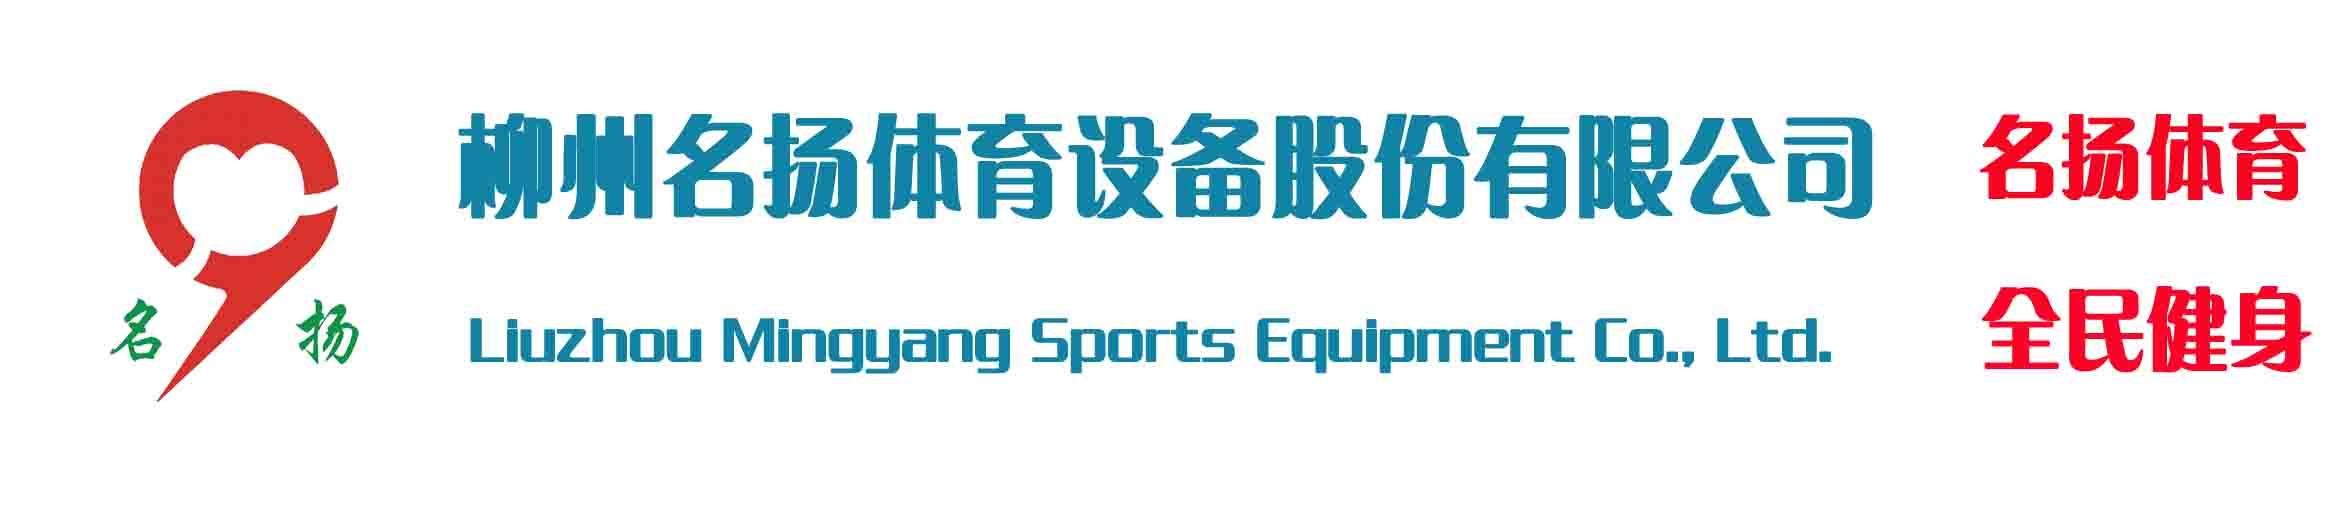 广西健身器材厂家